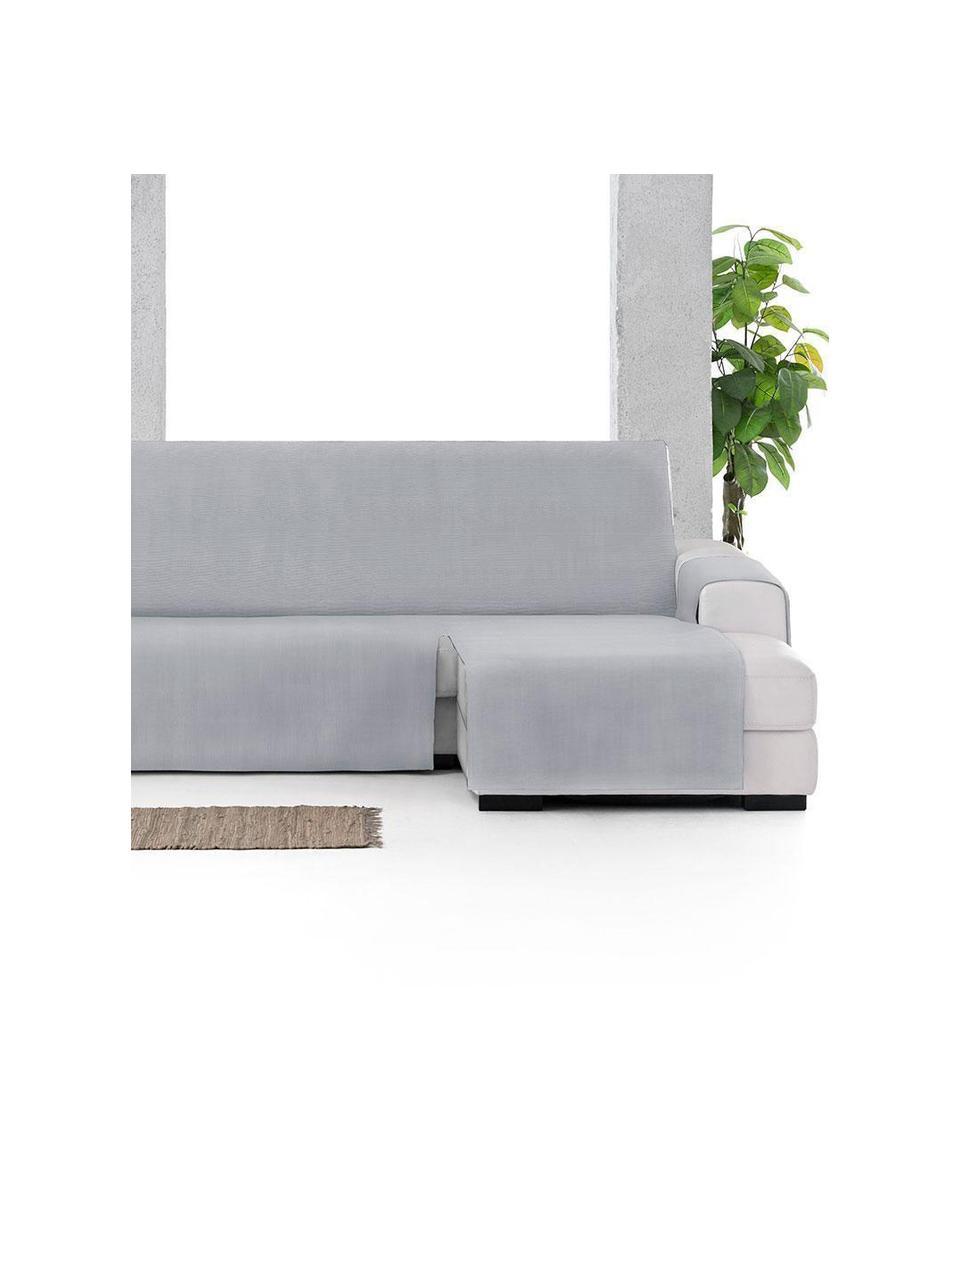 Narzuta na sofę narożną Levante, 65% bawełna, 35% poliester, Szary, S 150 x D 240 cm